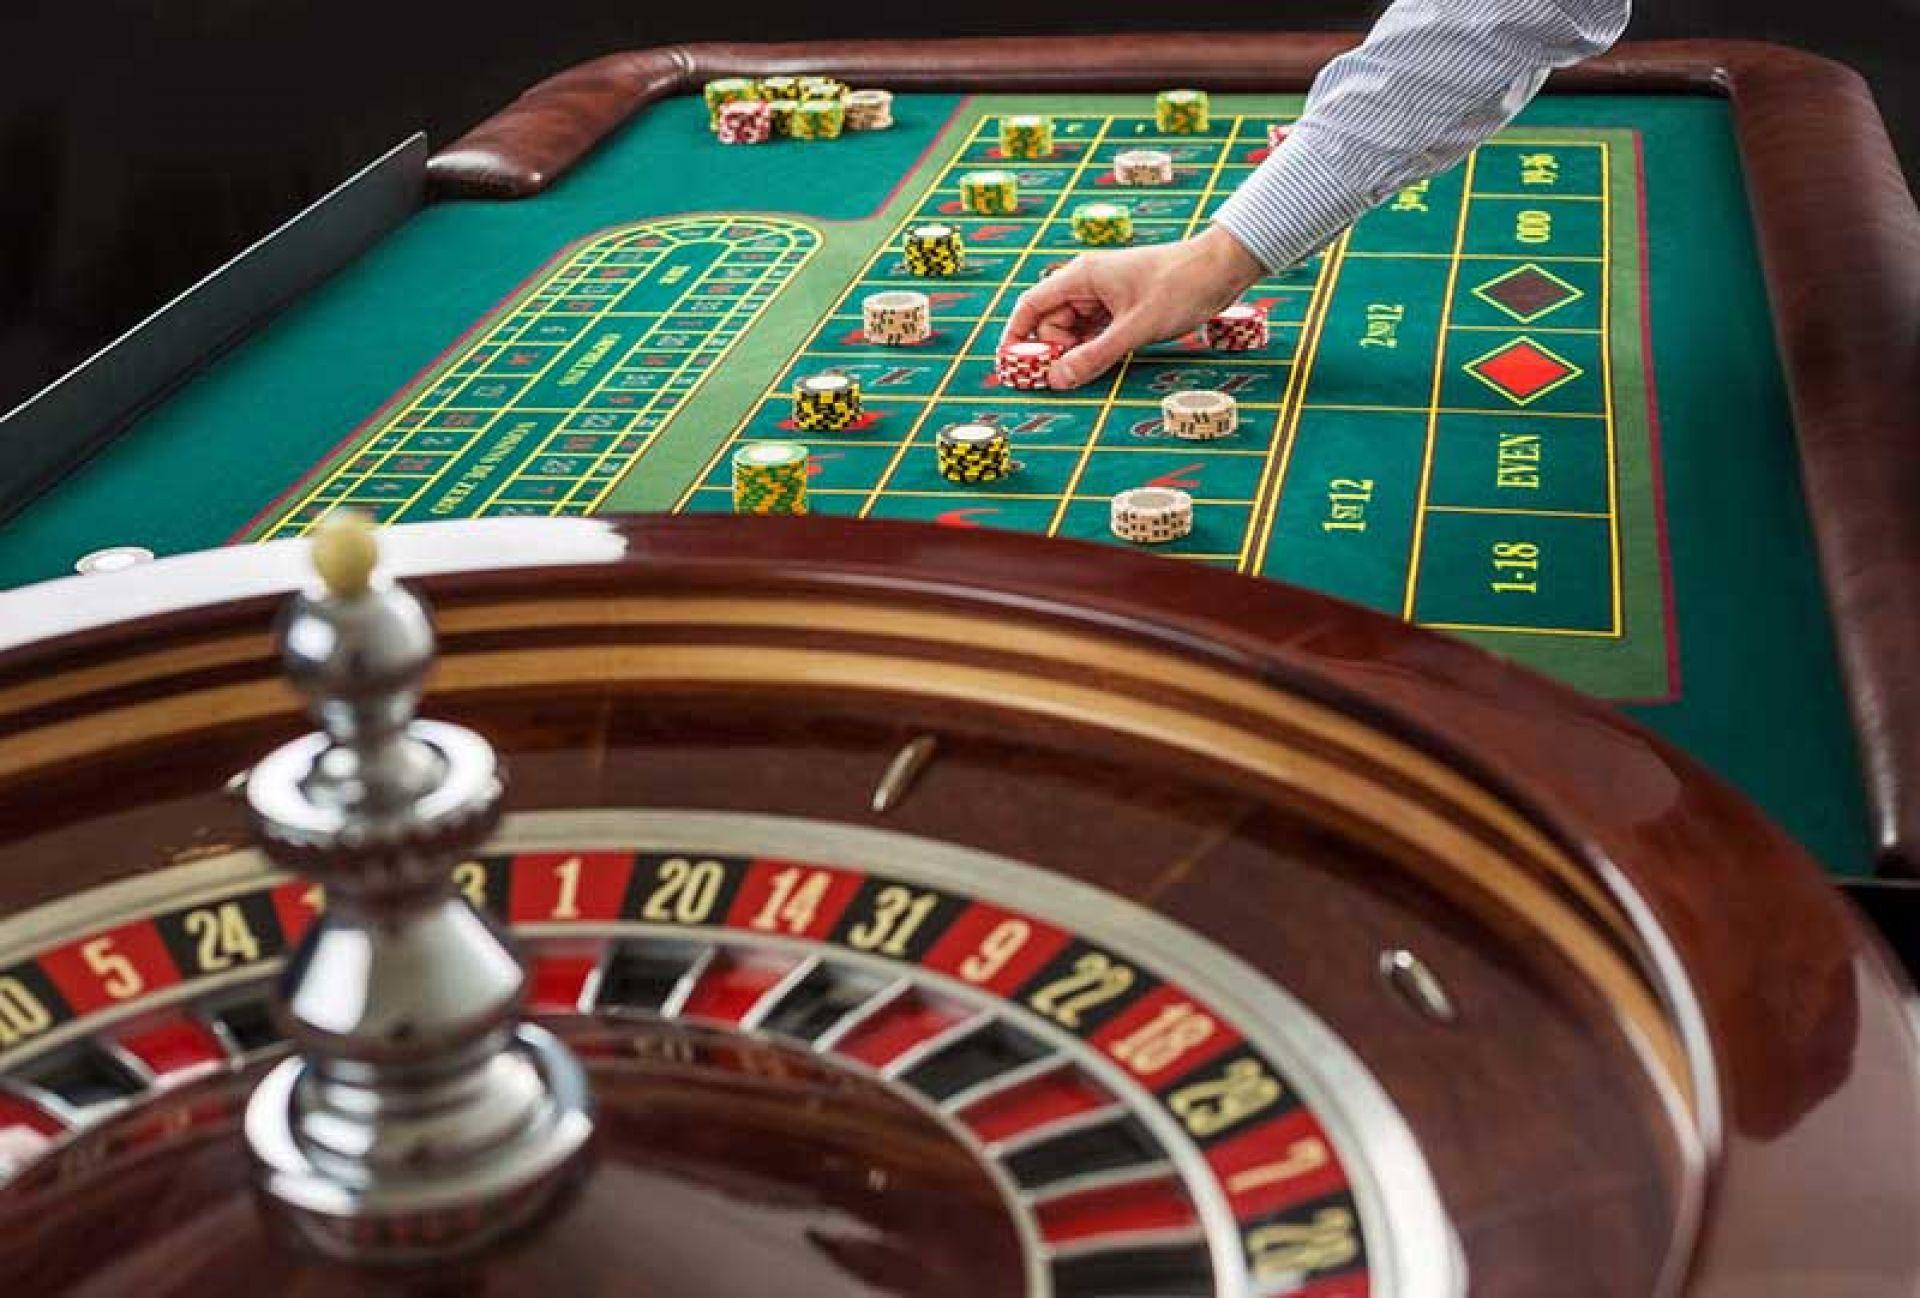 Roulette spielen und Geld verdienen